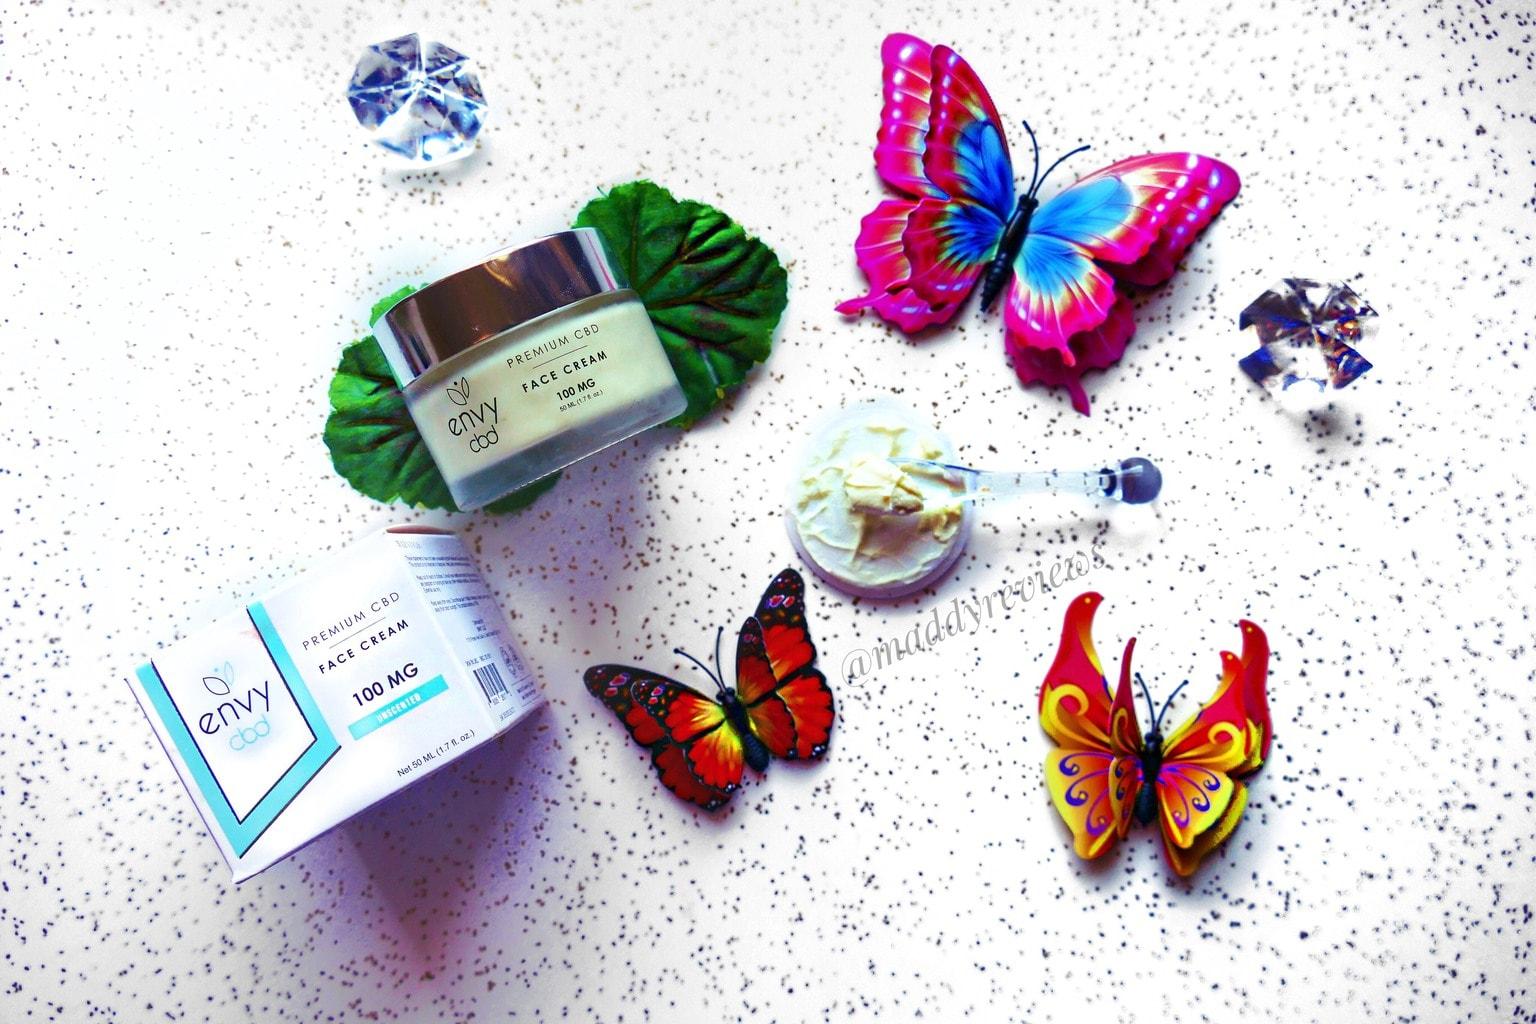 Envy-CBD-Face-Cream-100-mg-premium-CBD